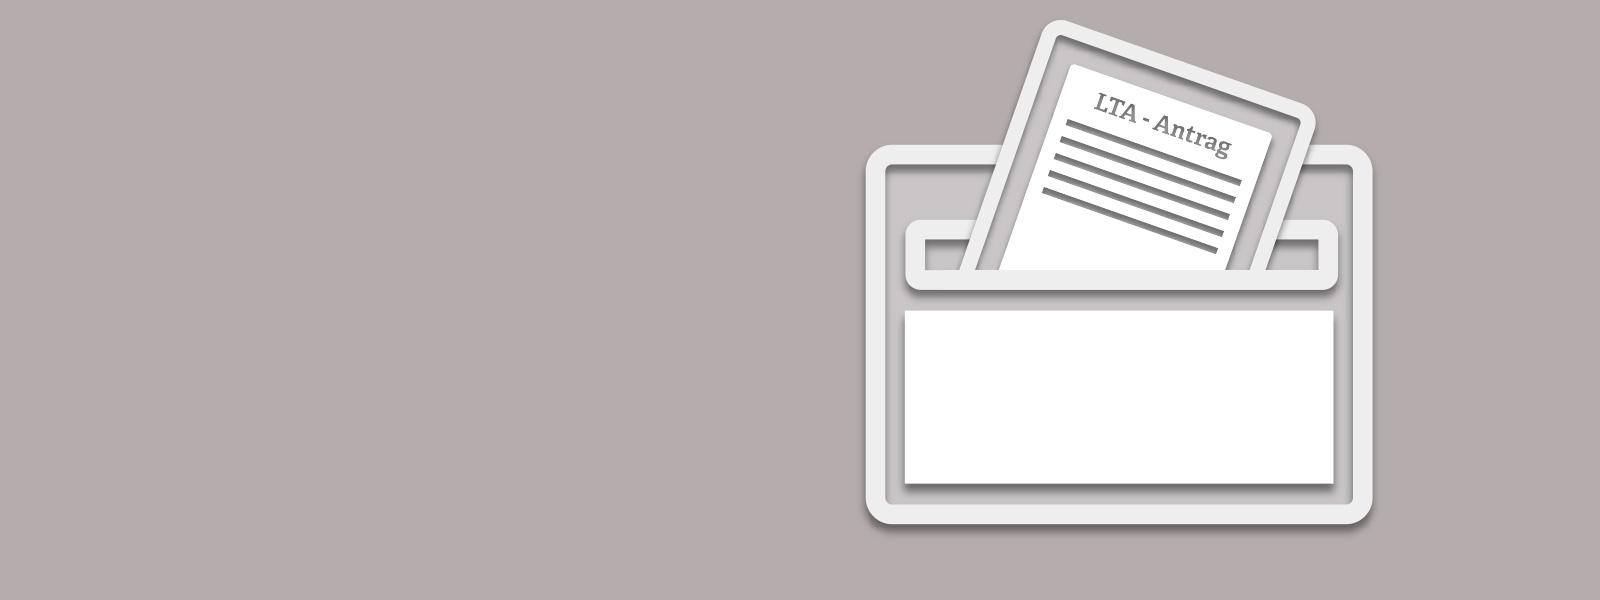 der weg in die berufliche reha der antrag auf leistungen zur teilhabe am arbeitsleben - Reha Antrag Abgelehnt Widerspruch Muster